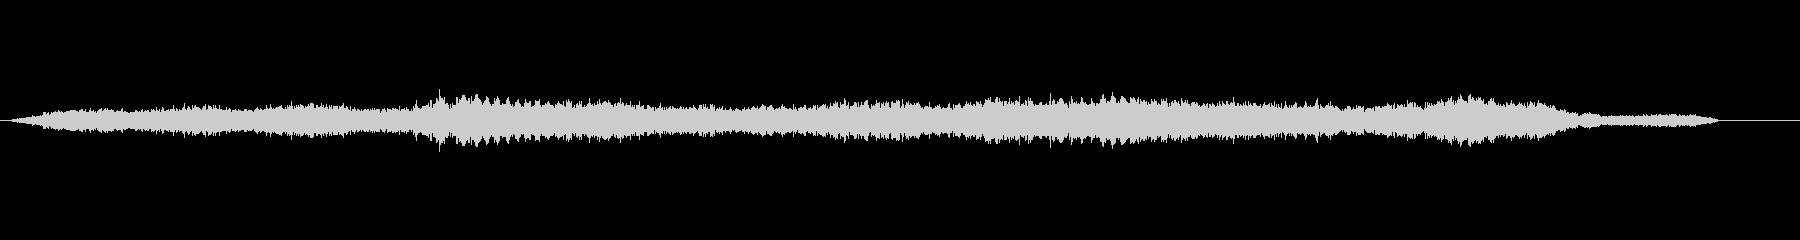 モーターエレクトリックラージ-イン...の未再生の波形